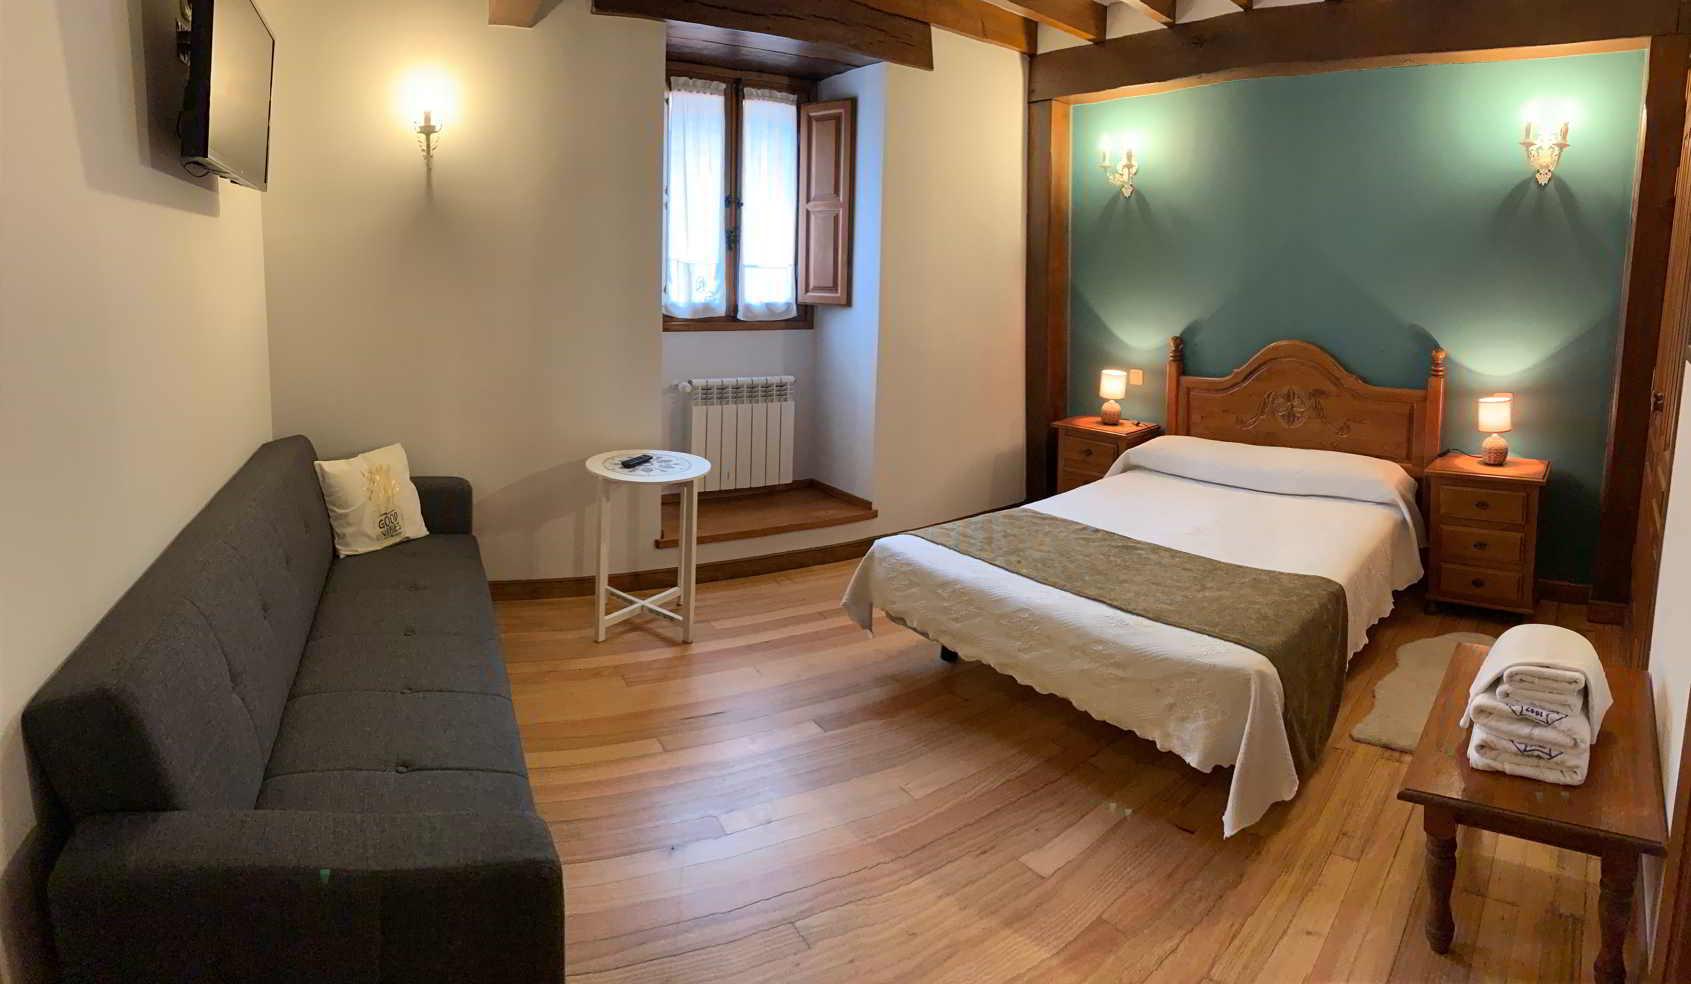 hotel_casa rural_cantabria_grupos grandes_mascotas_san vicente de la barquera_comillas_llanes (10)